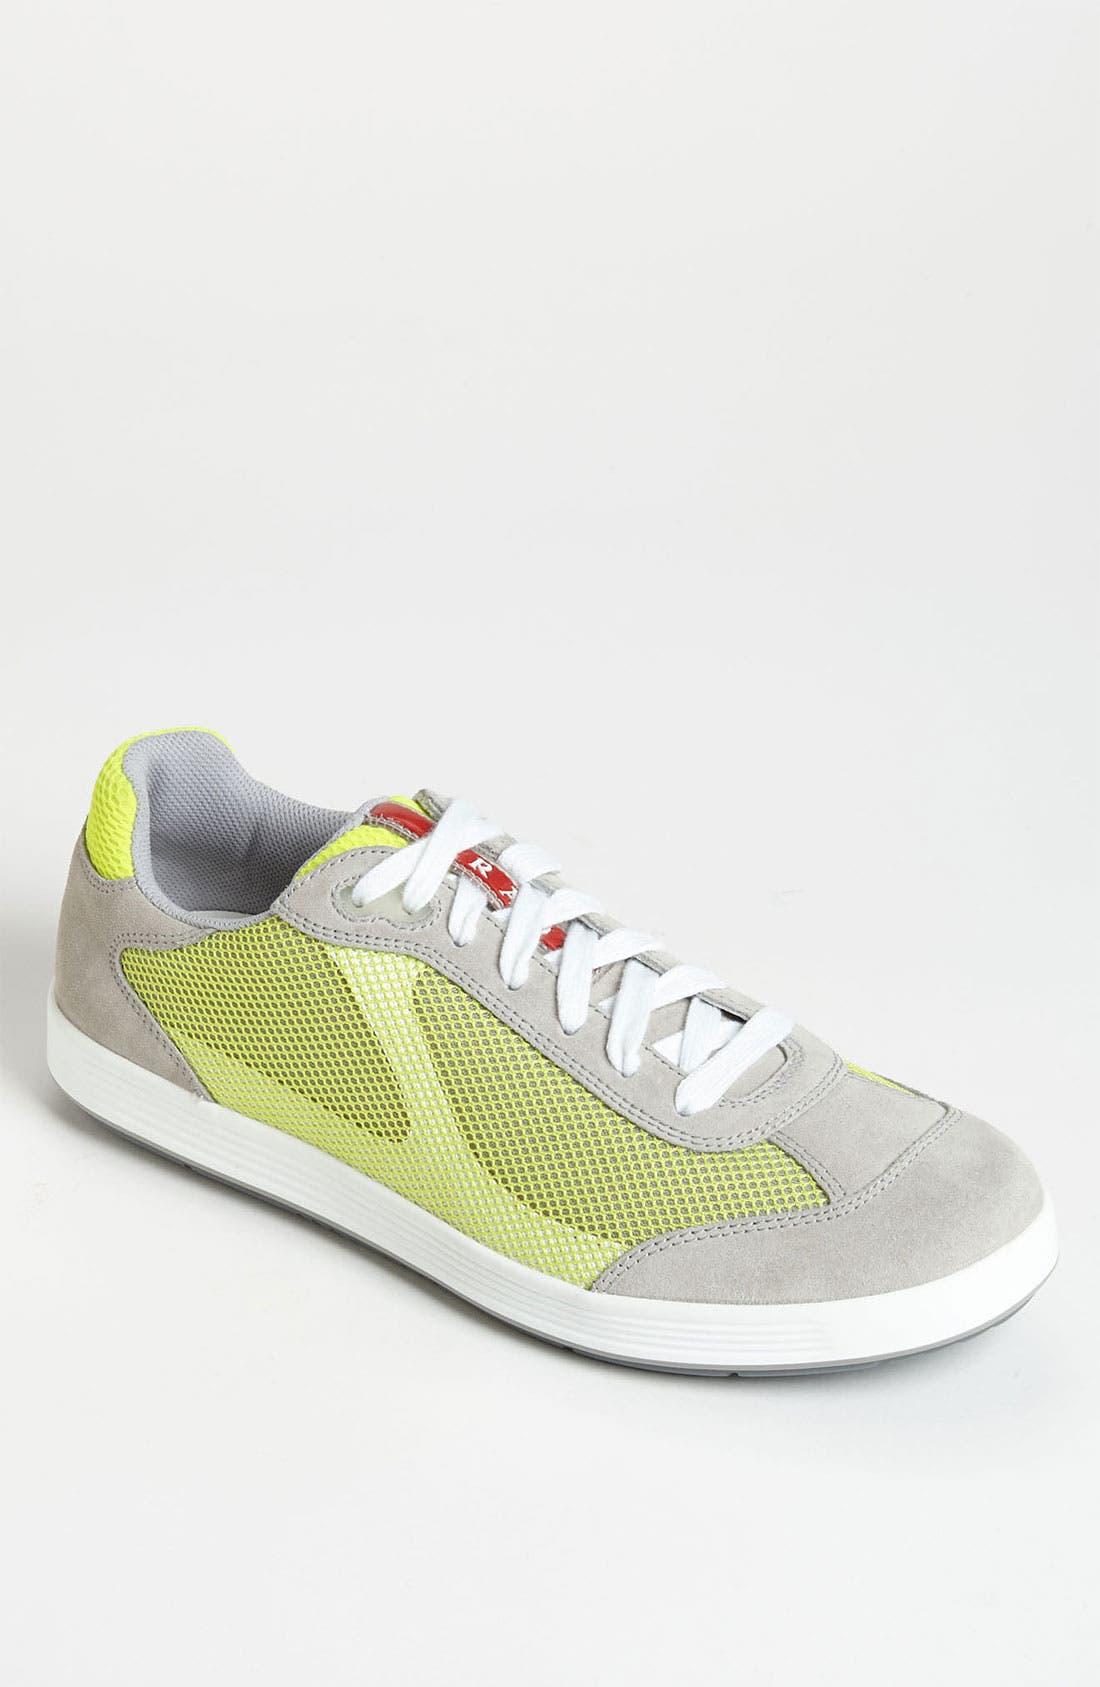 Alternate Image 1 Selected - Prada Colored Mesh Sneaker